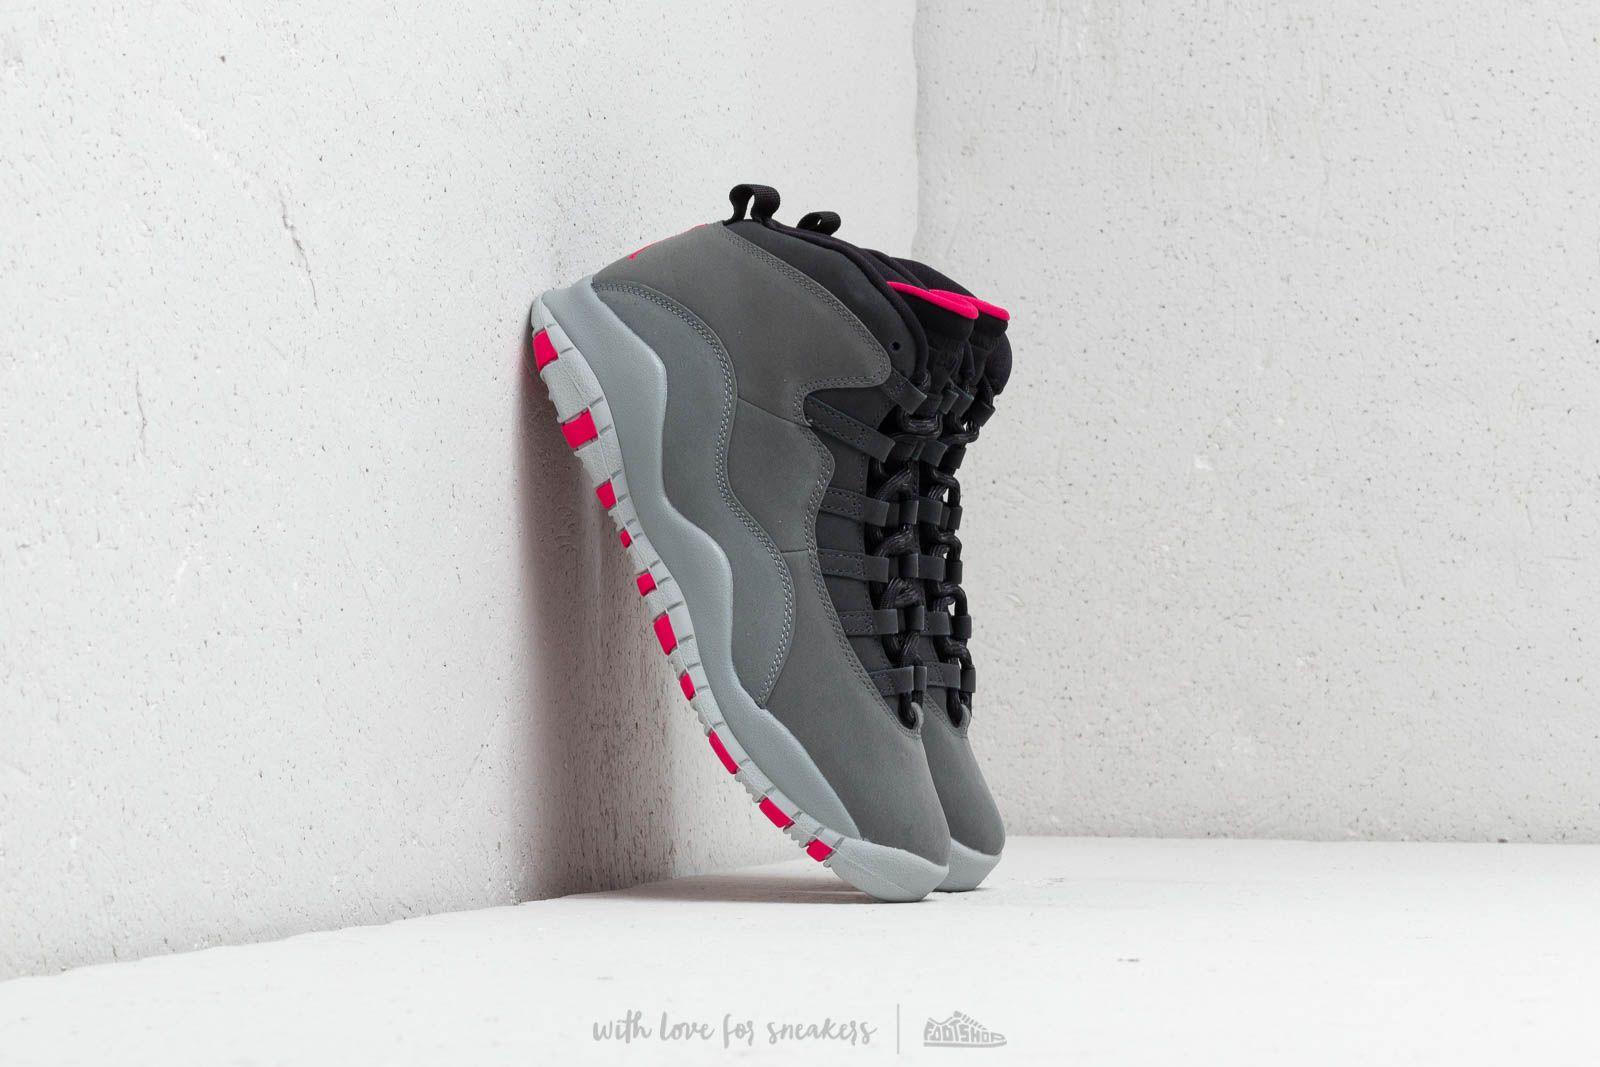 brand new 3e6bd 56e5a Air Jordan 10 Retro (GS) Dark Smoke Grey/ Rush Pink-Black ...